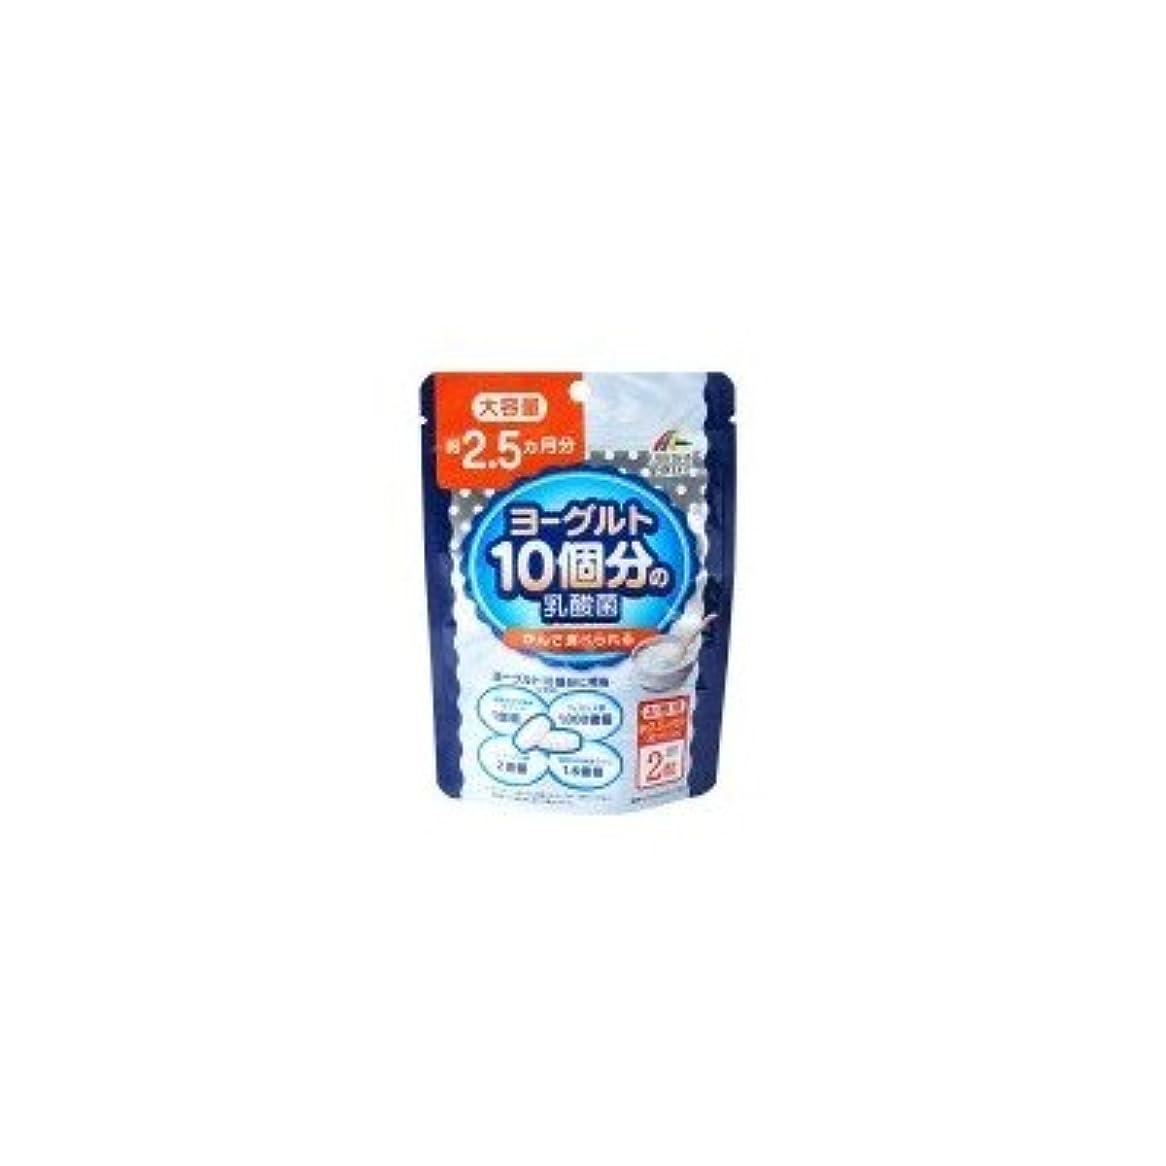 知覚テクスチャー購入ヨーグルト10個分の乳酸菌 大容量 30.8g(200mg×154粒)